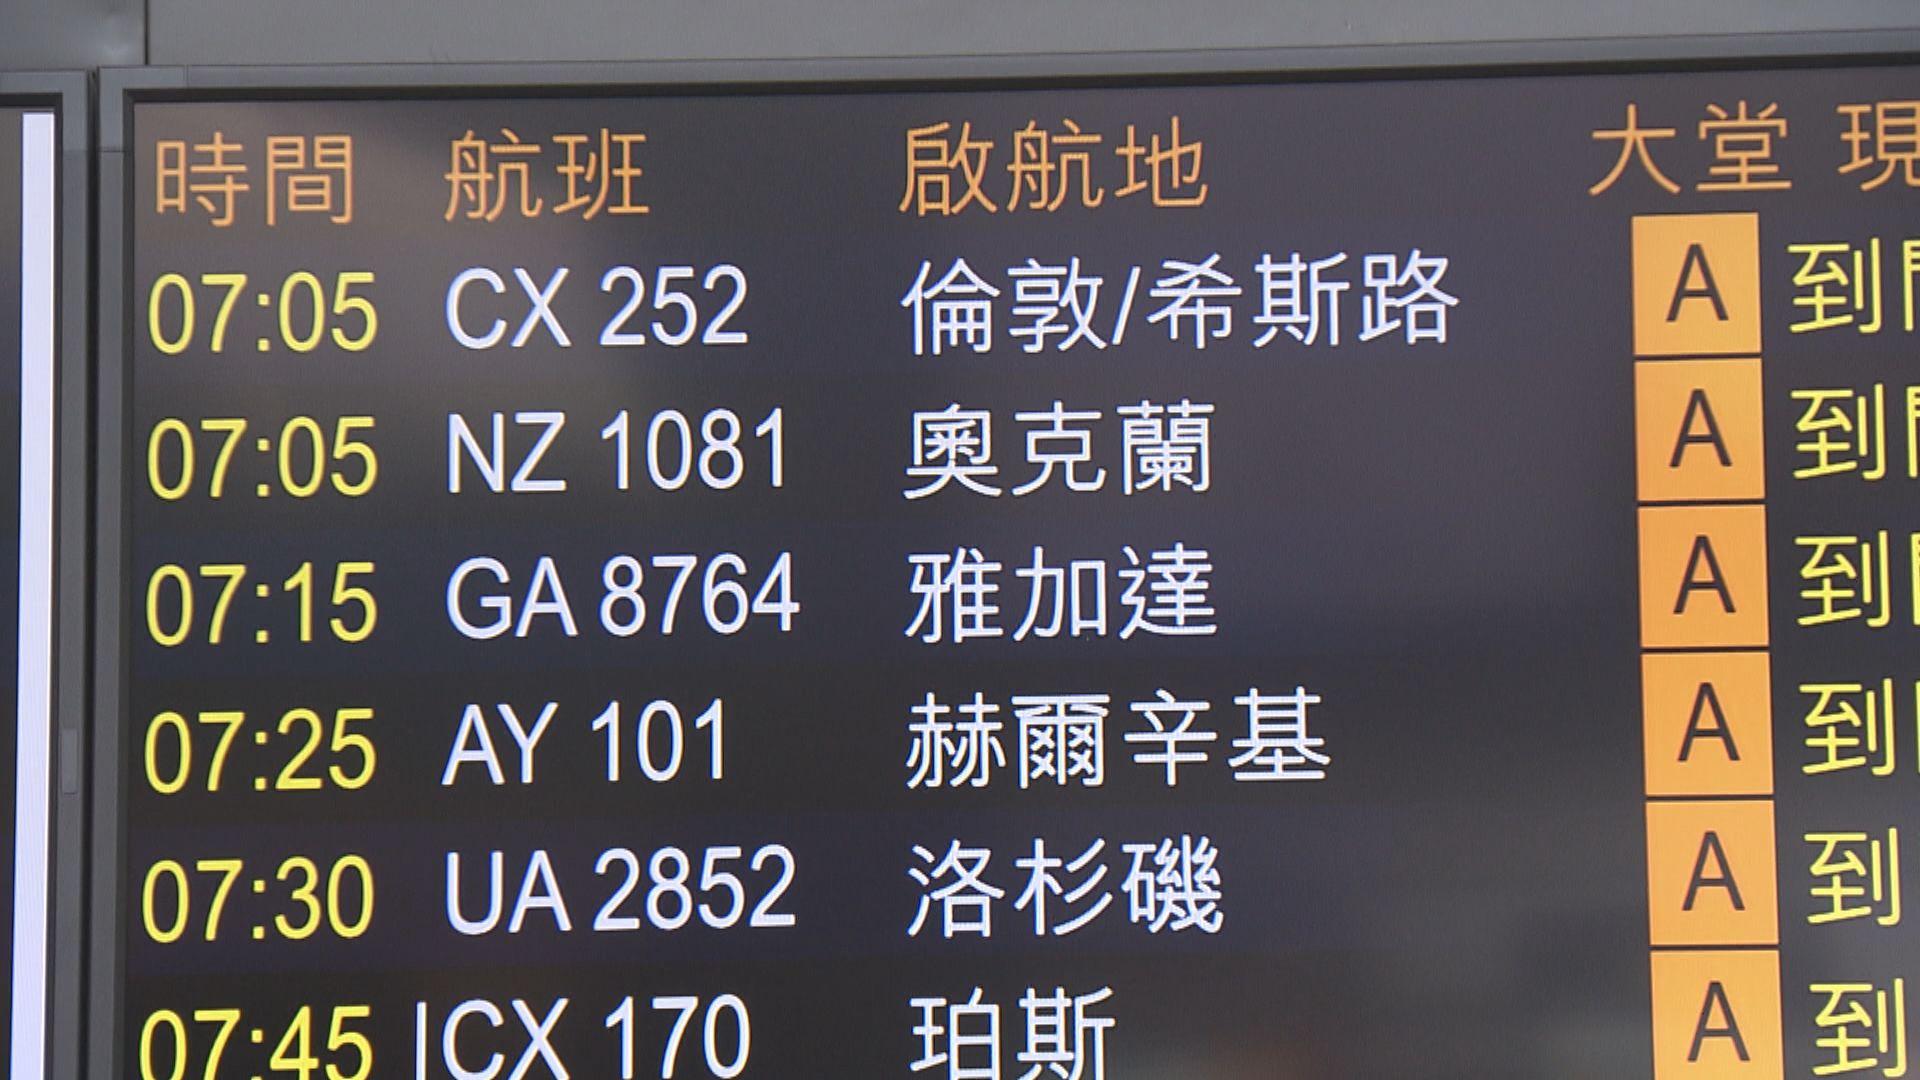 午夜起禁英航班來港 晚市禁堂食等延至1月6日